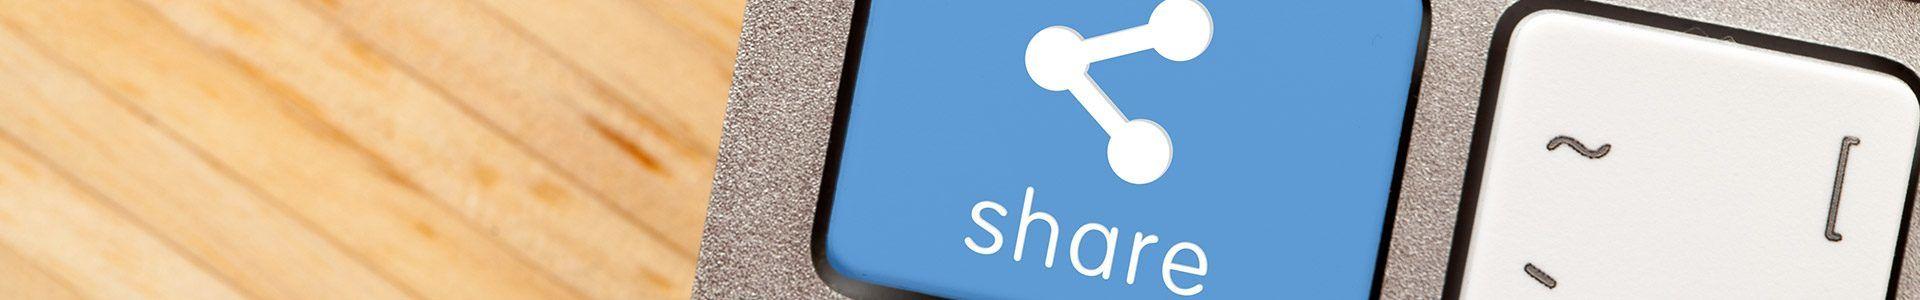 nieuwe facebook button maakt het mogelijk om selectief te delen